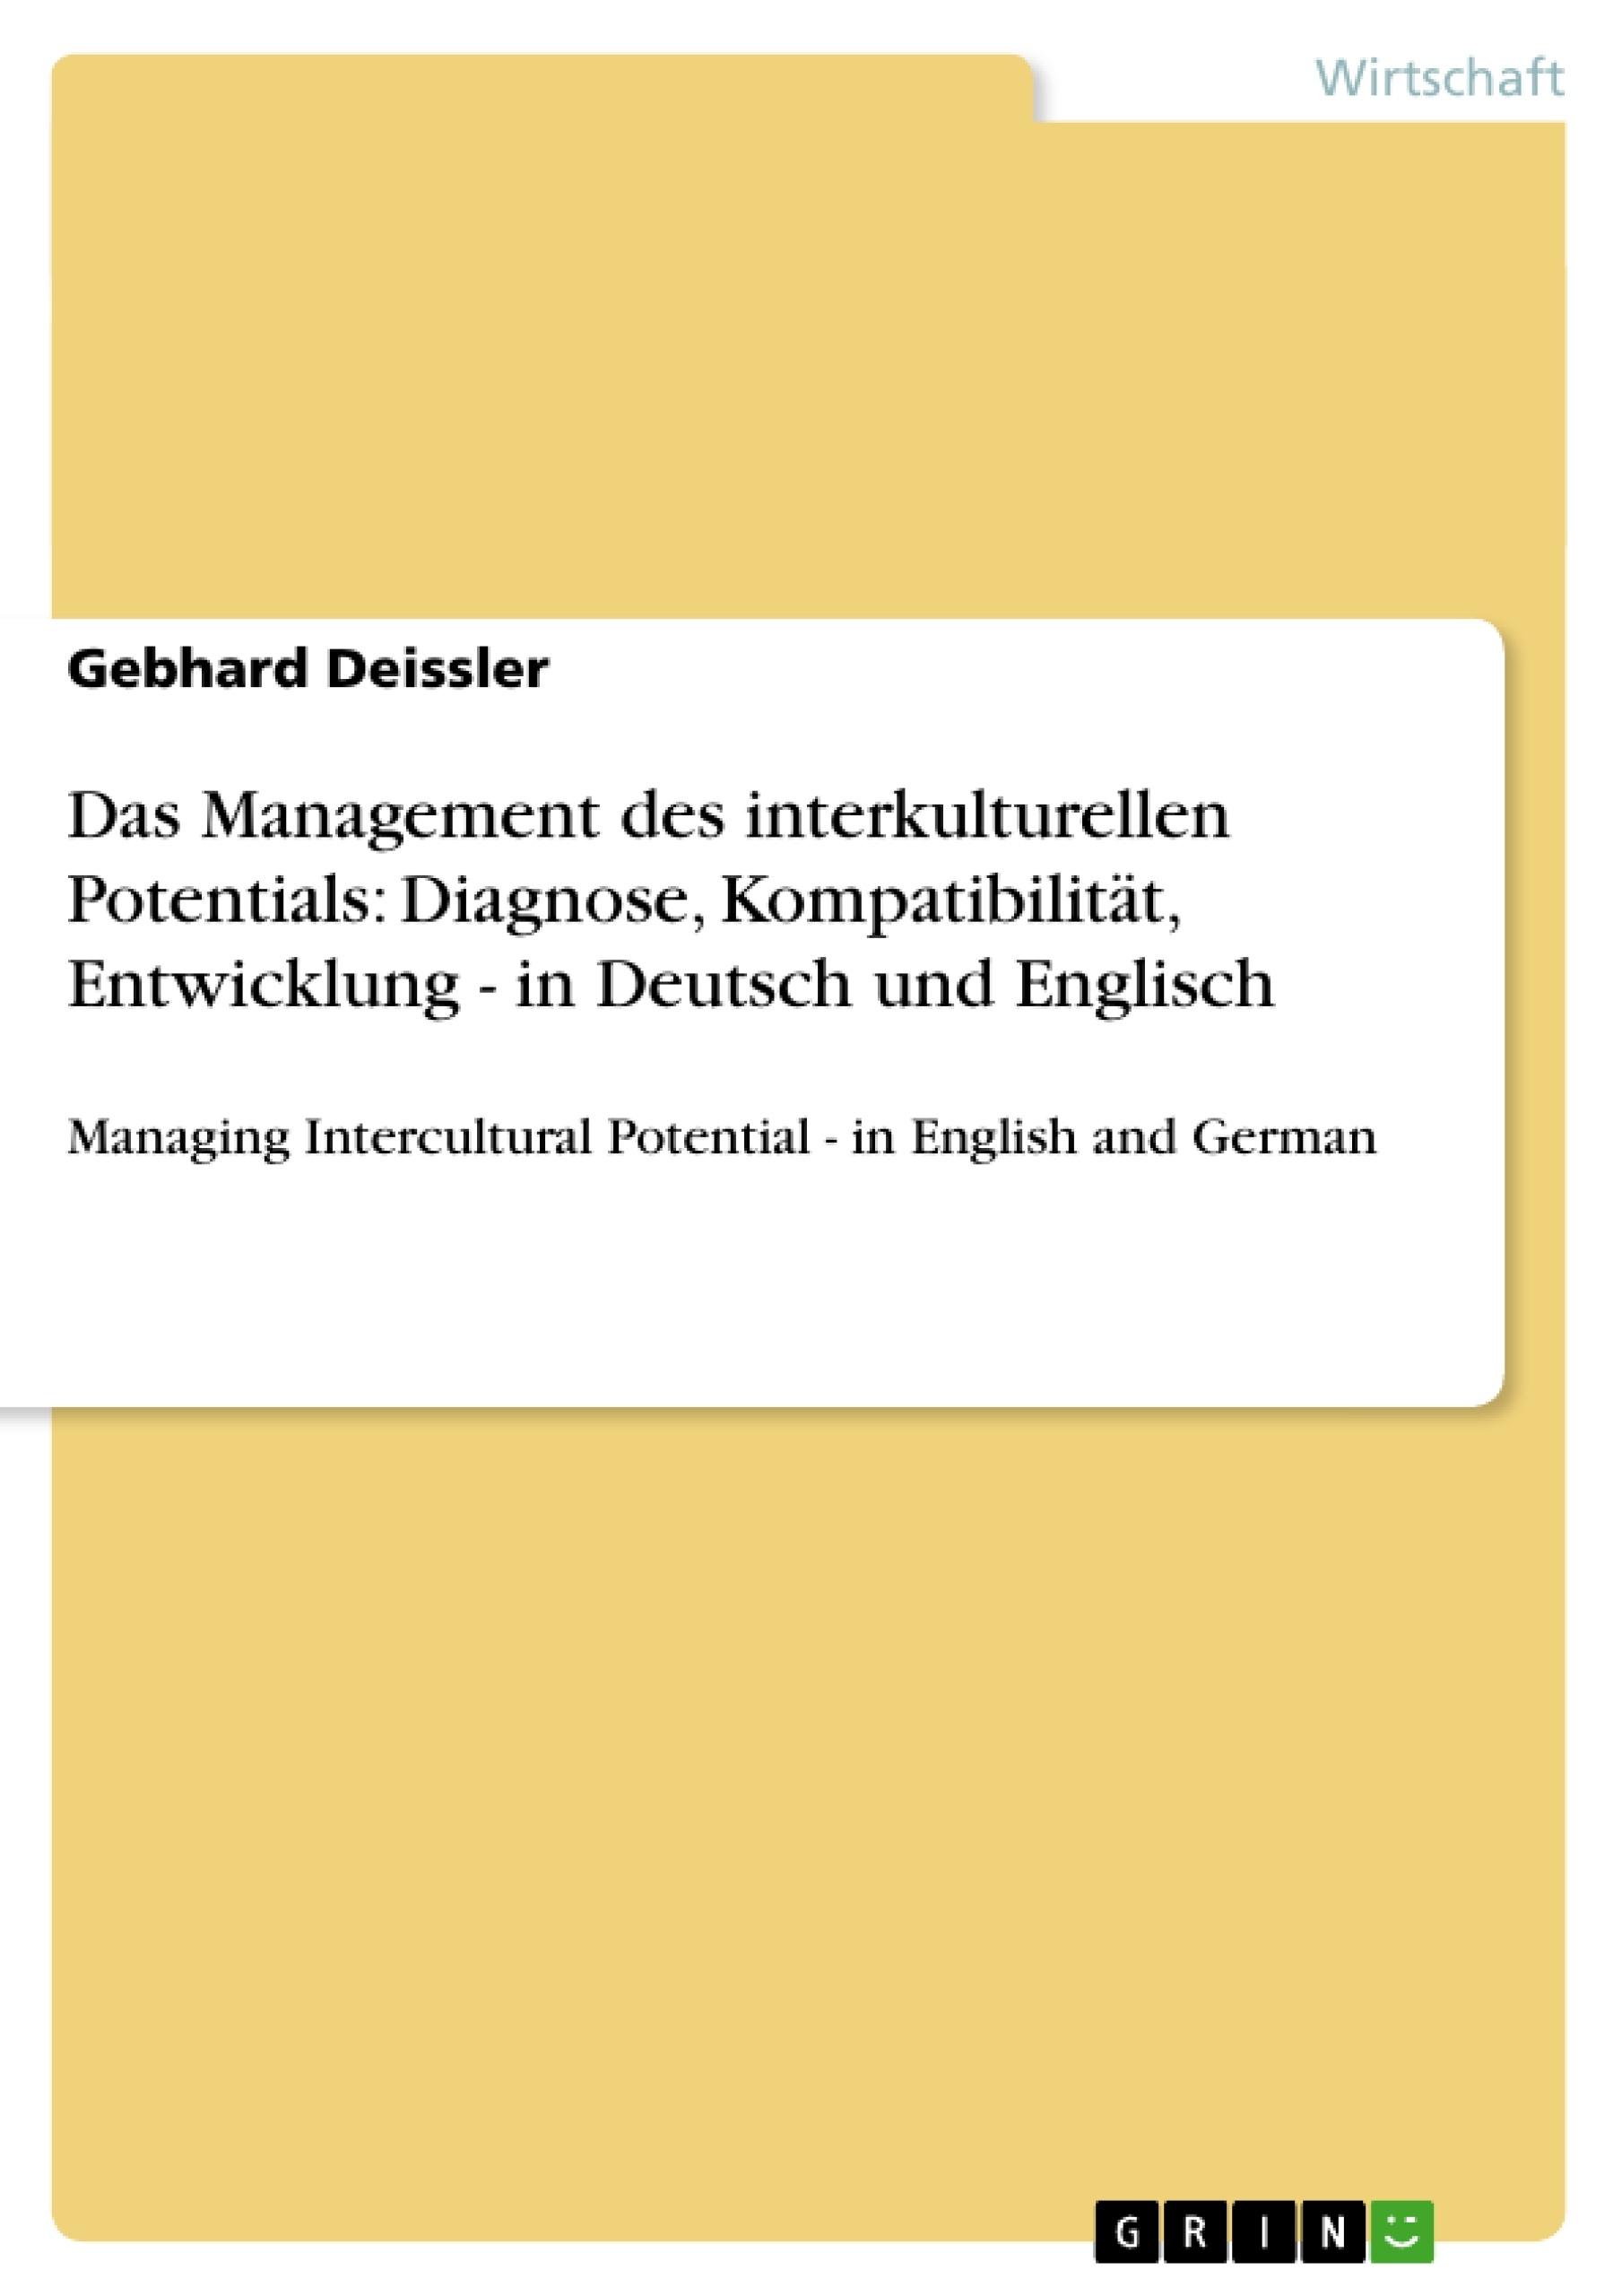 Titel: Das Management des interkulturellen Potentials: Diagnose, Kompatibilität, Entwicklung - in Deutsch und Englisch